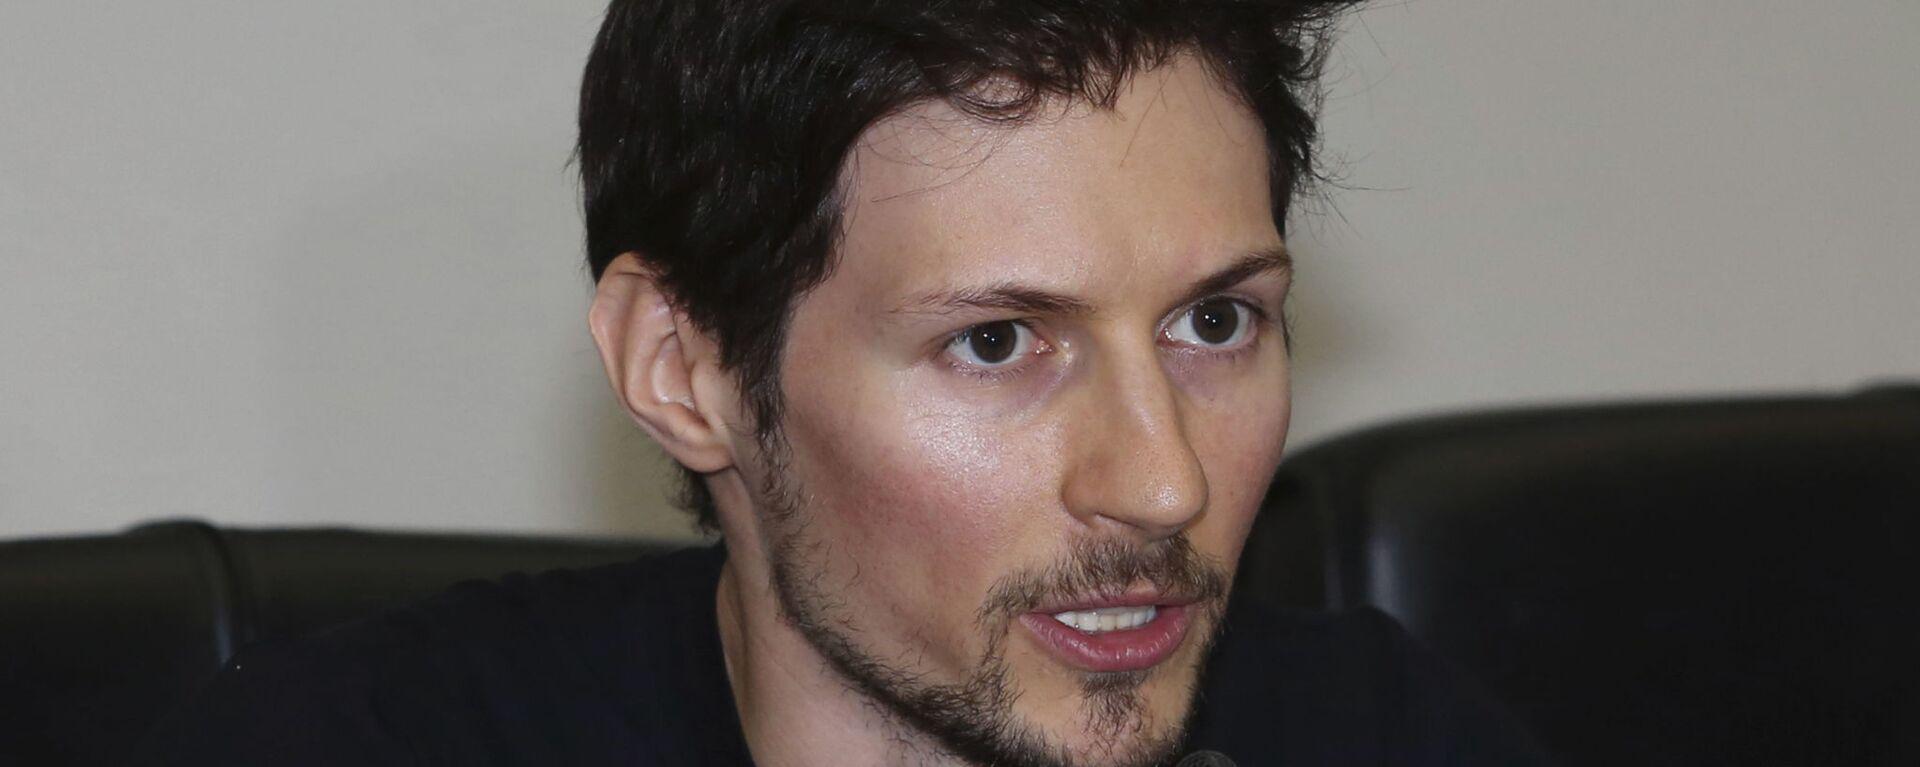 Создатель мессенджера Telegram Павел Дуров  - Sputnik Italia, 1920, 21.05.2021